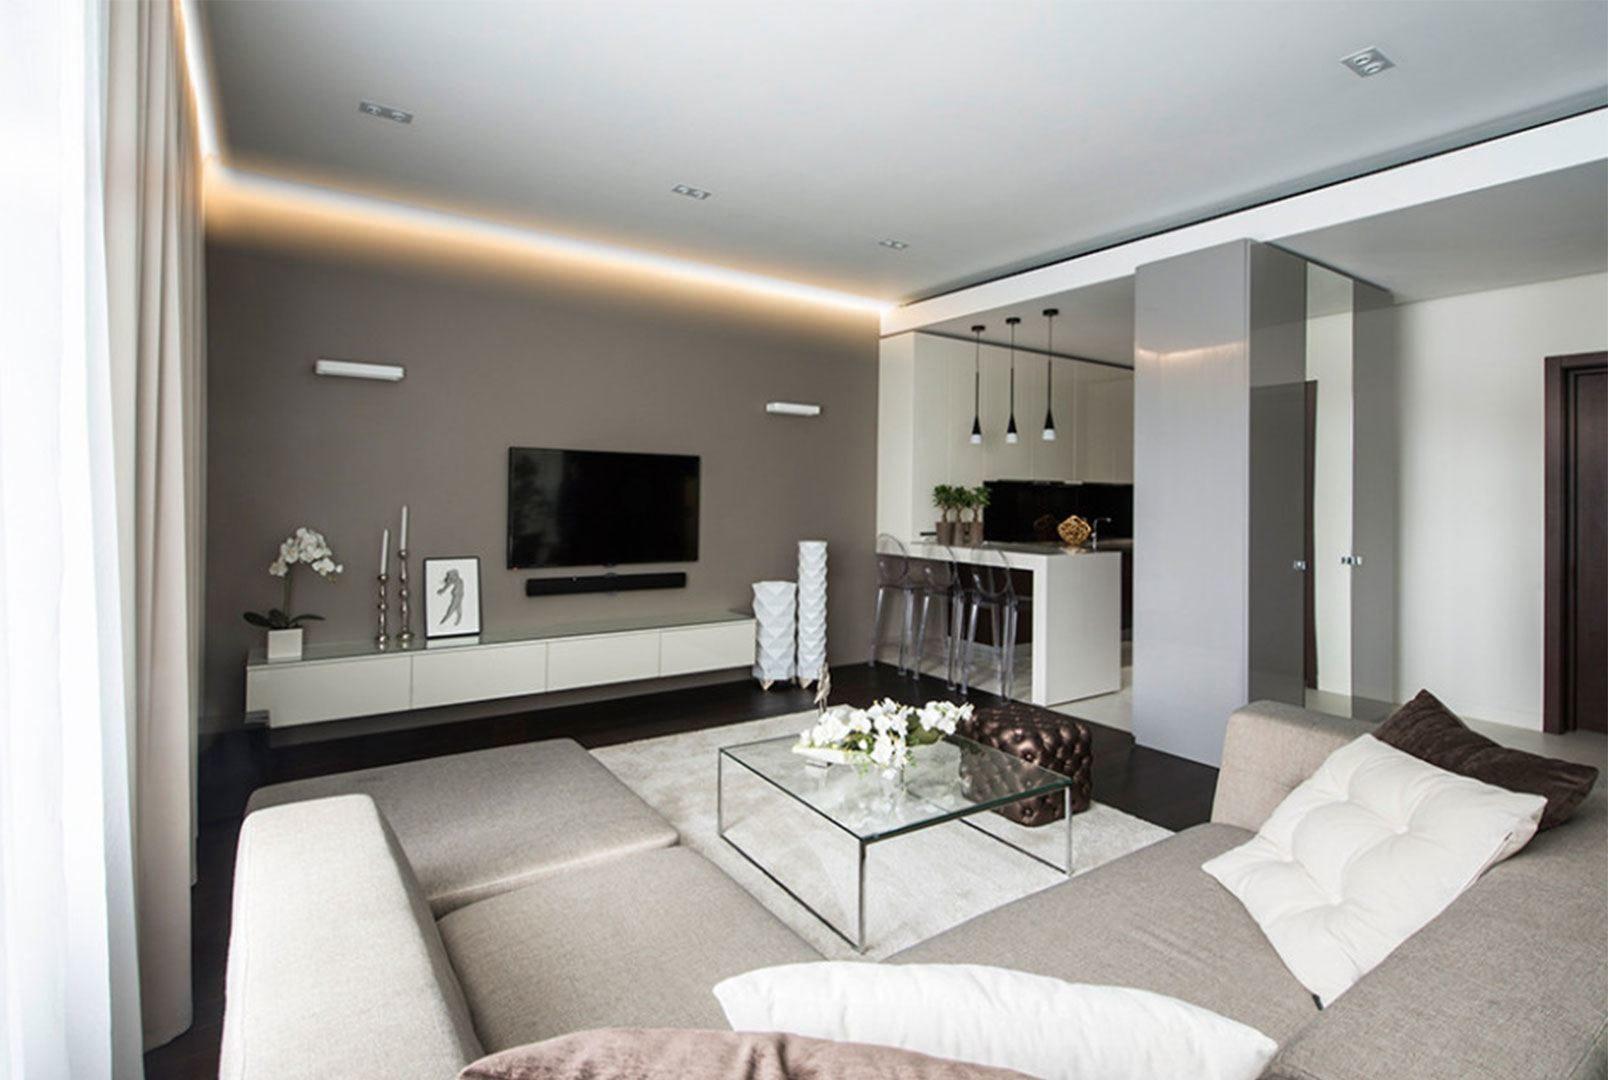 Idee arredamento moderno design arredamento moderno idee for Siti di interior design